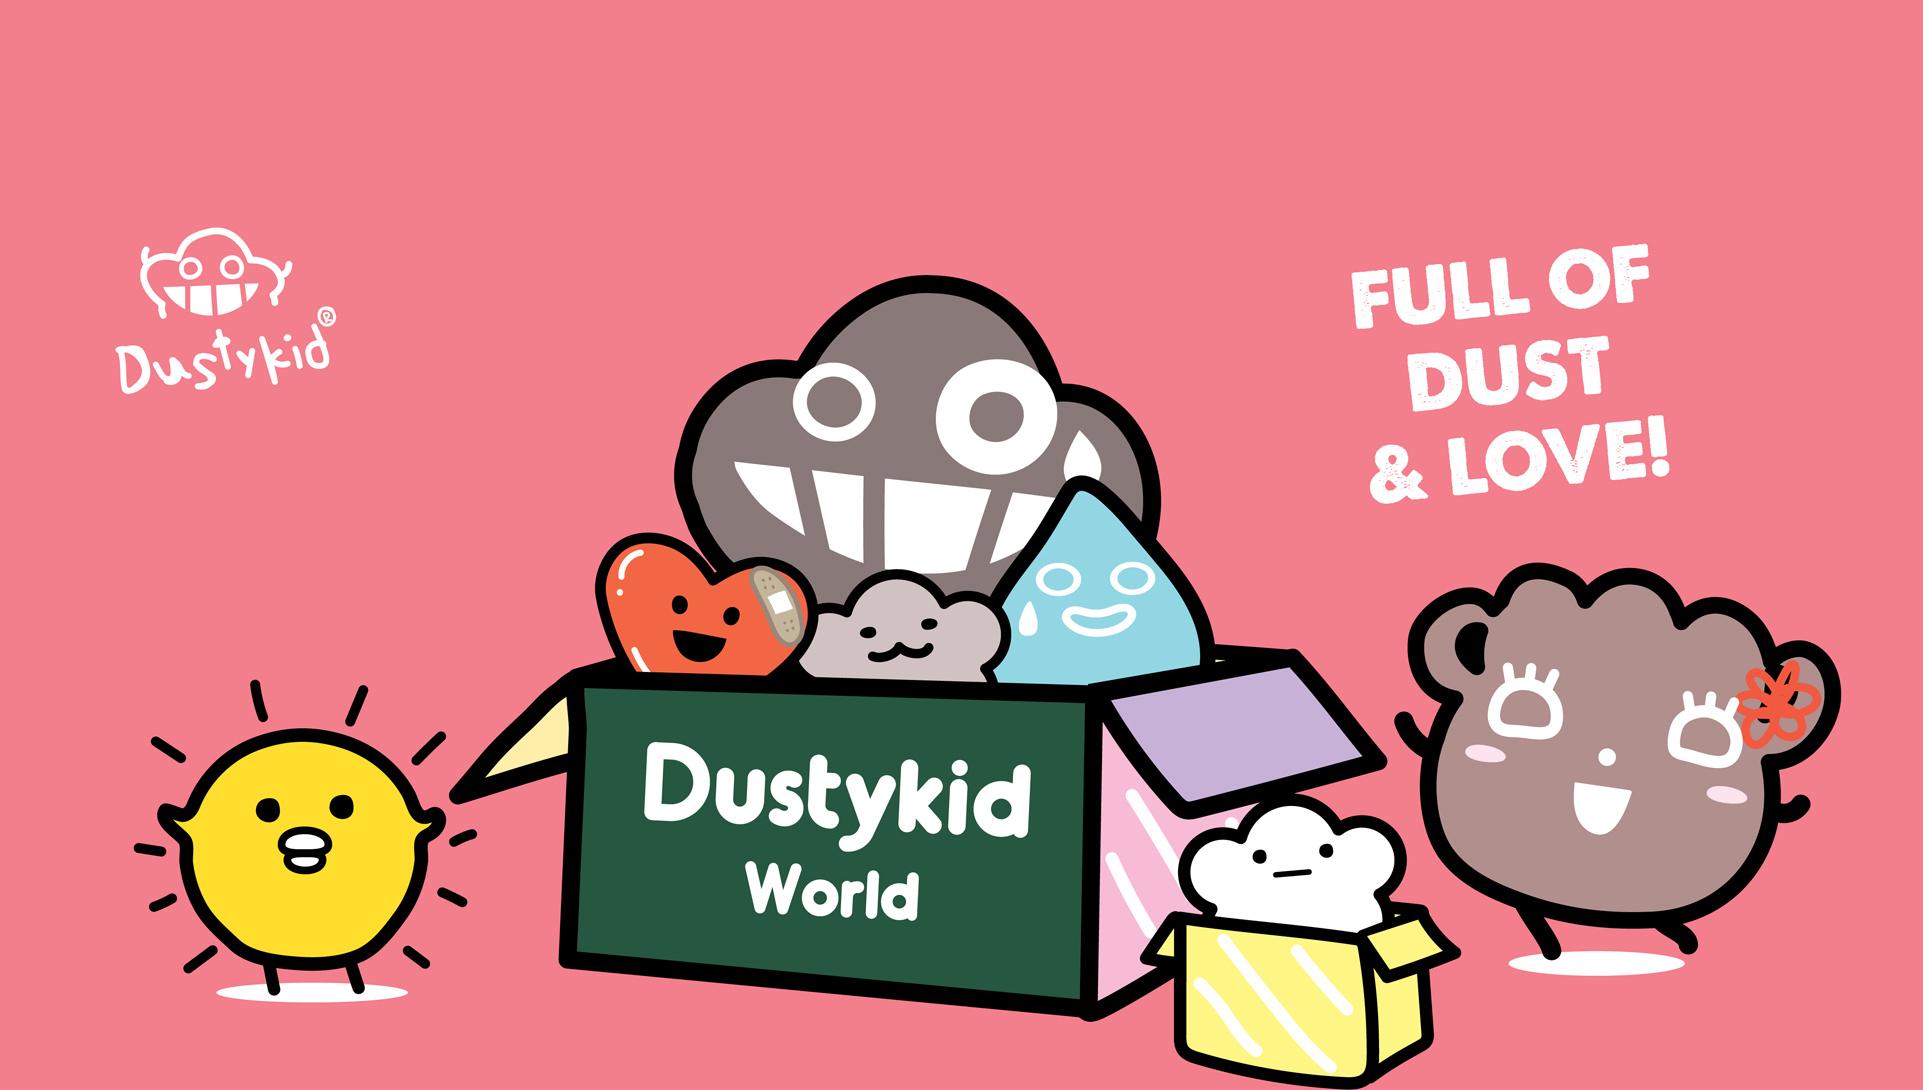 Dustykid World